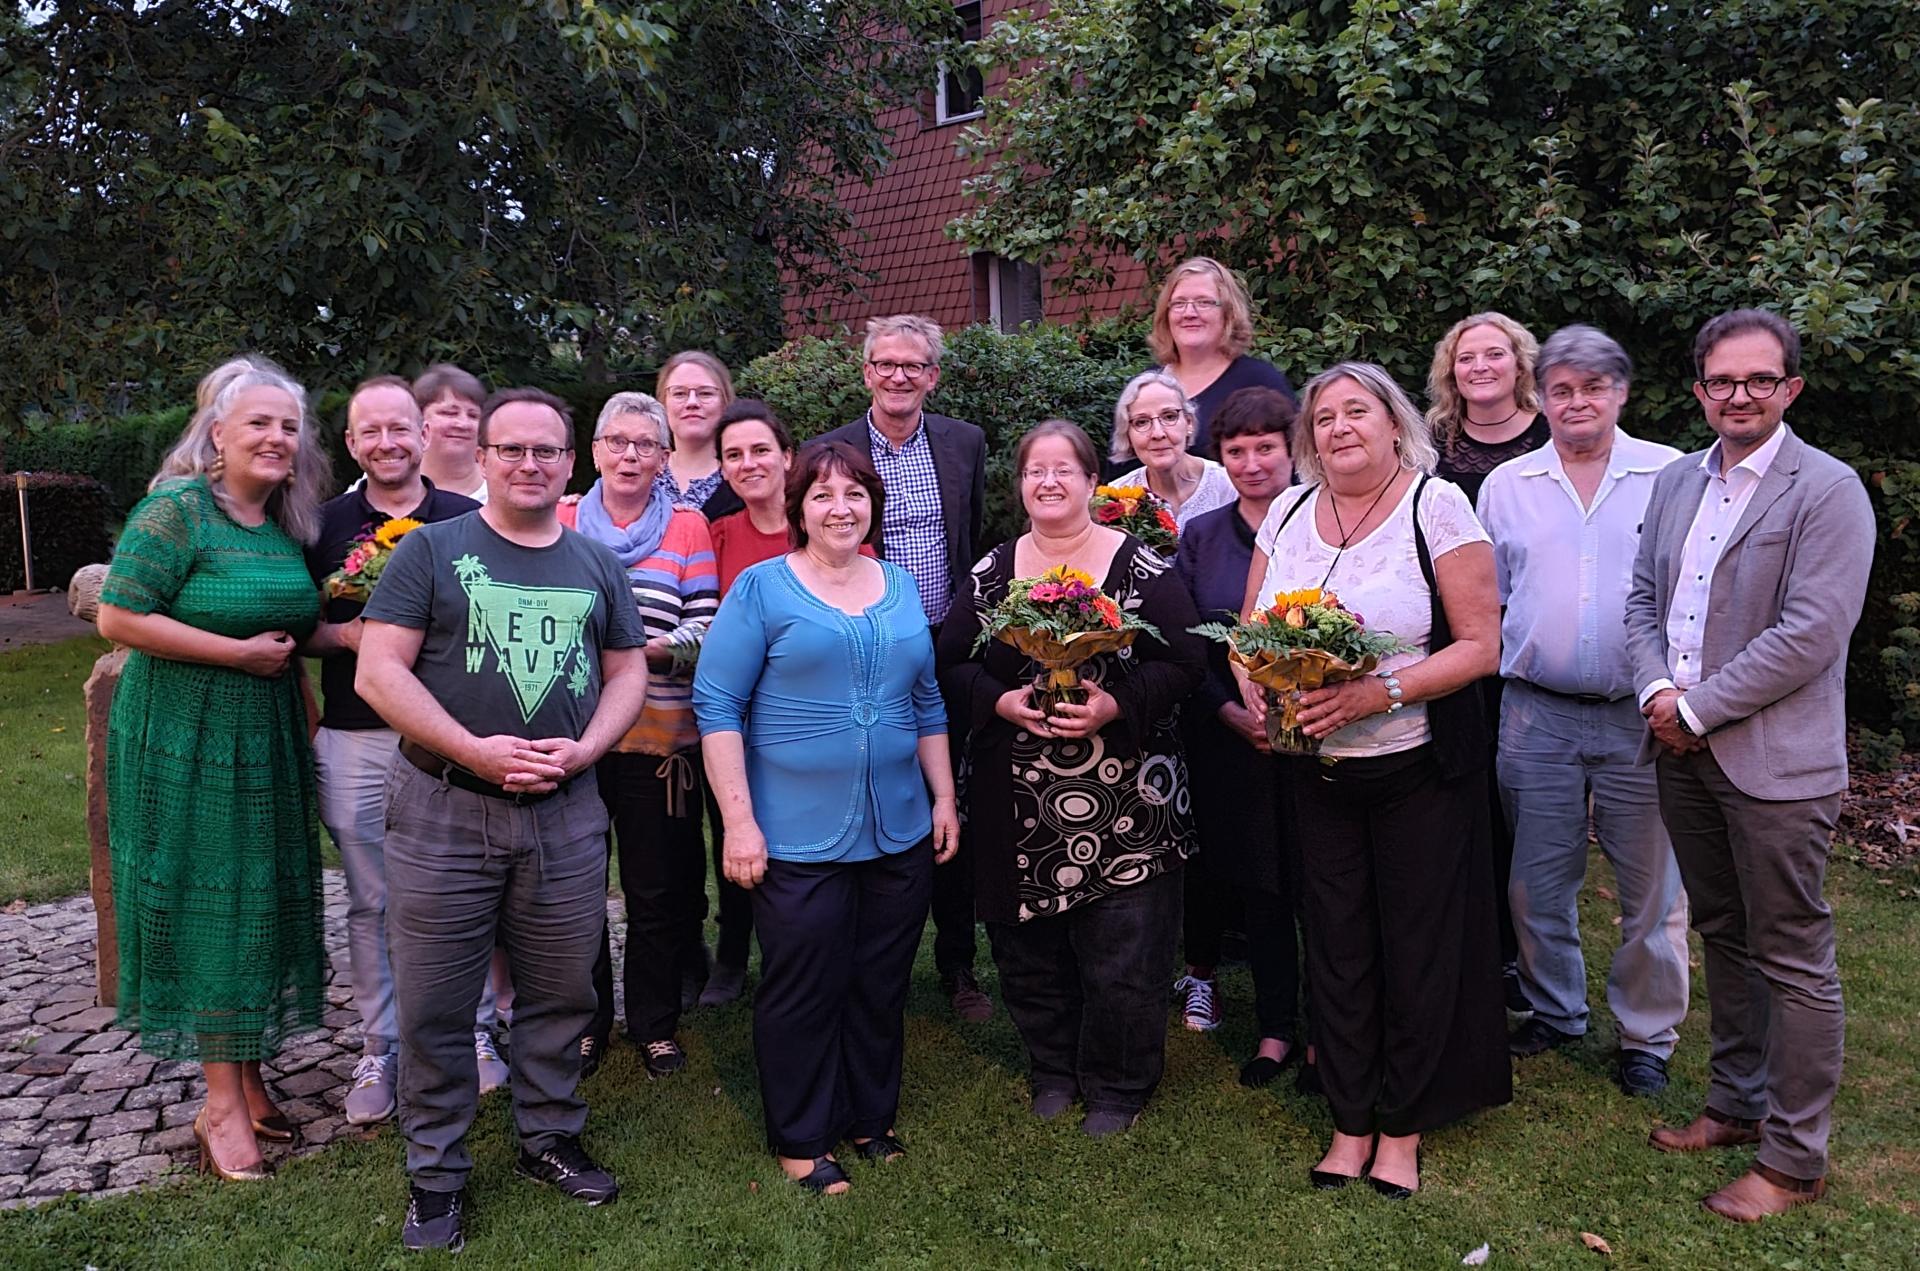 Foto: Mitarbeitende aus dem Martin-Luther-Haus wurden geehrt